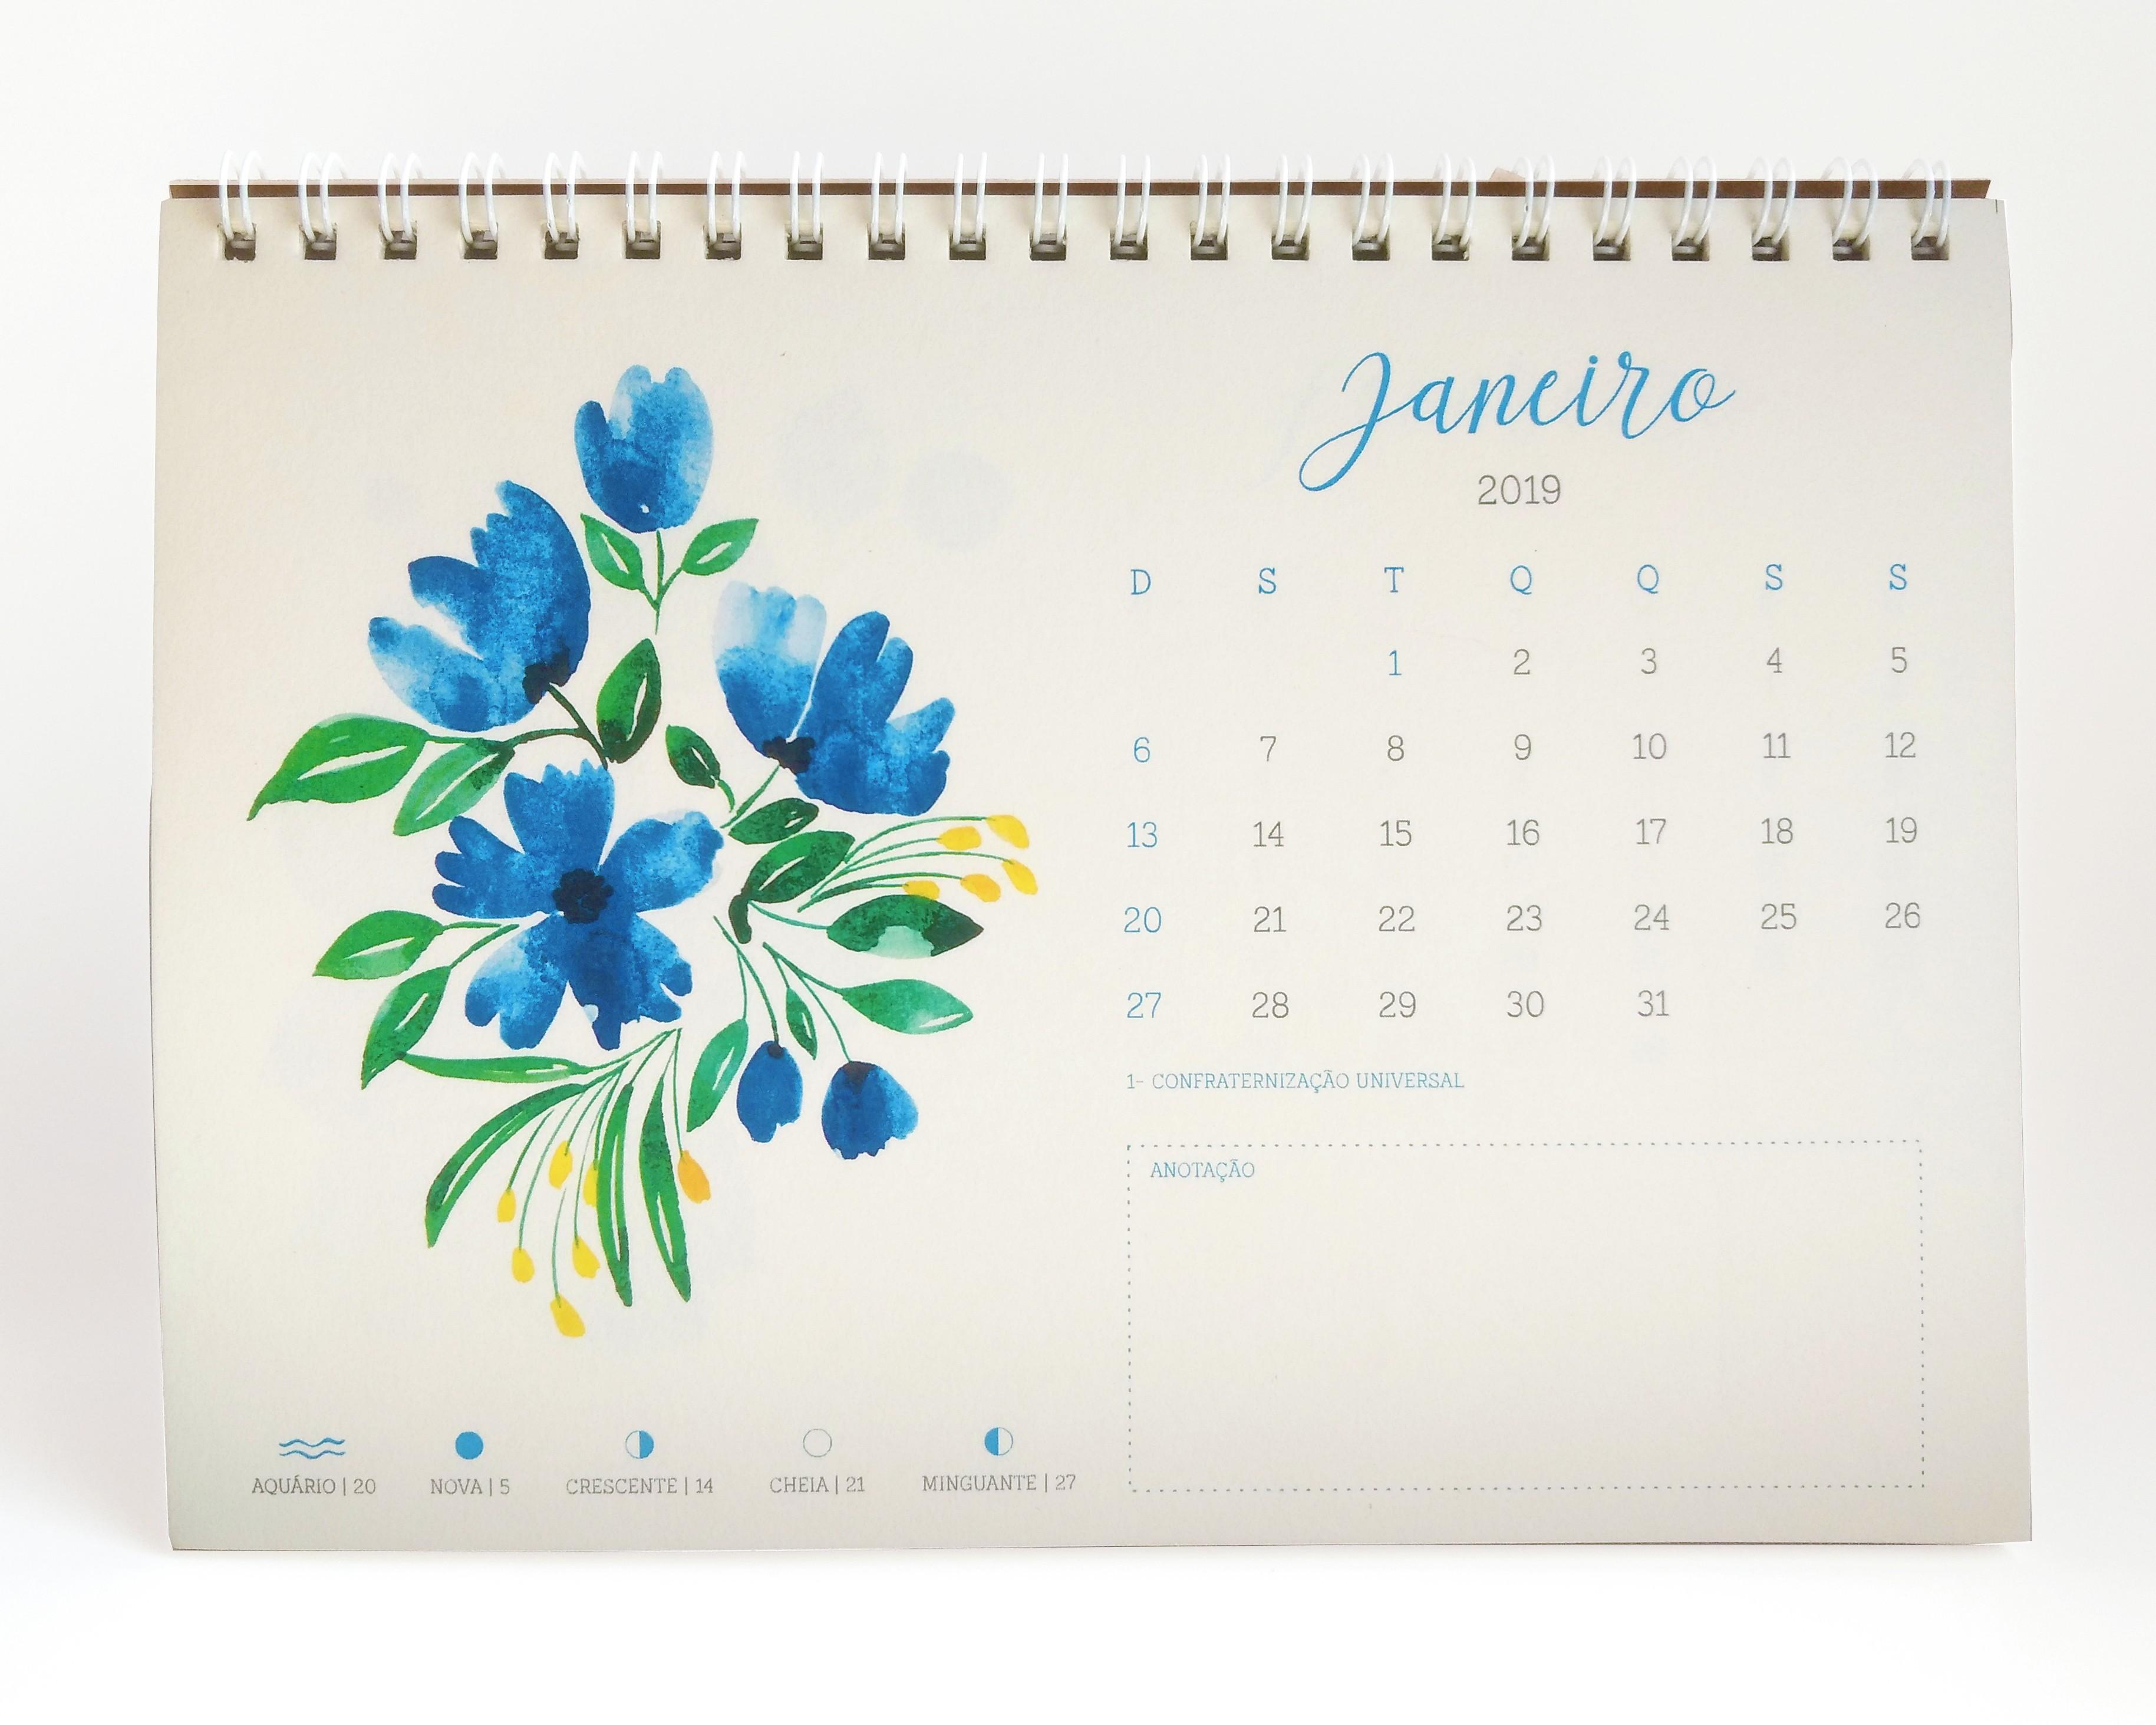 Calendario 2019 Imprimir Con Feriados Más Reciente Calendário 2019 Of Calendario 2019 Imprimir Con Feriados Más Recientes Realmente Esto Calendario 2019 En Ingles Para Imprimir